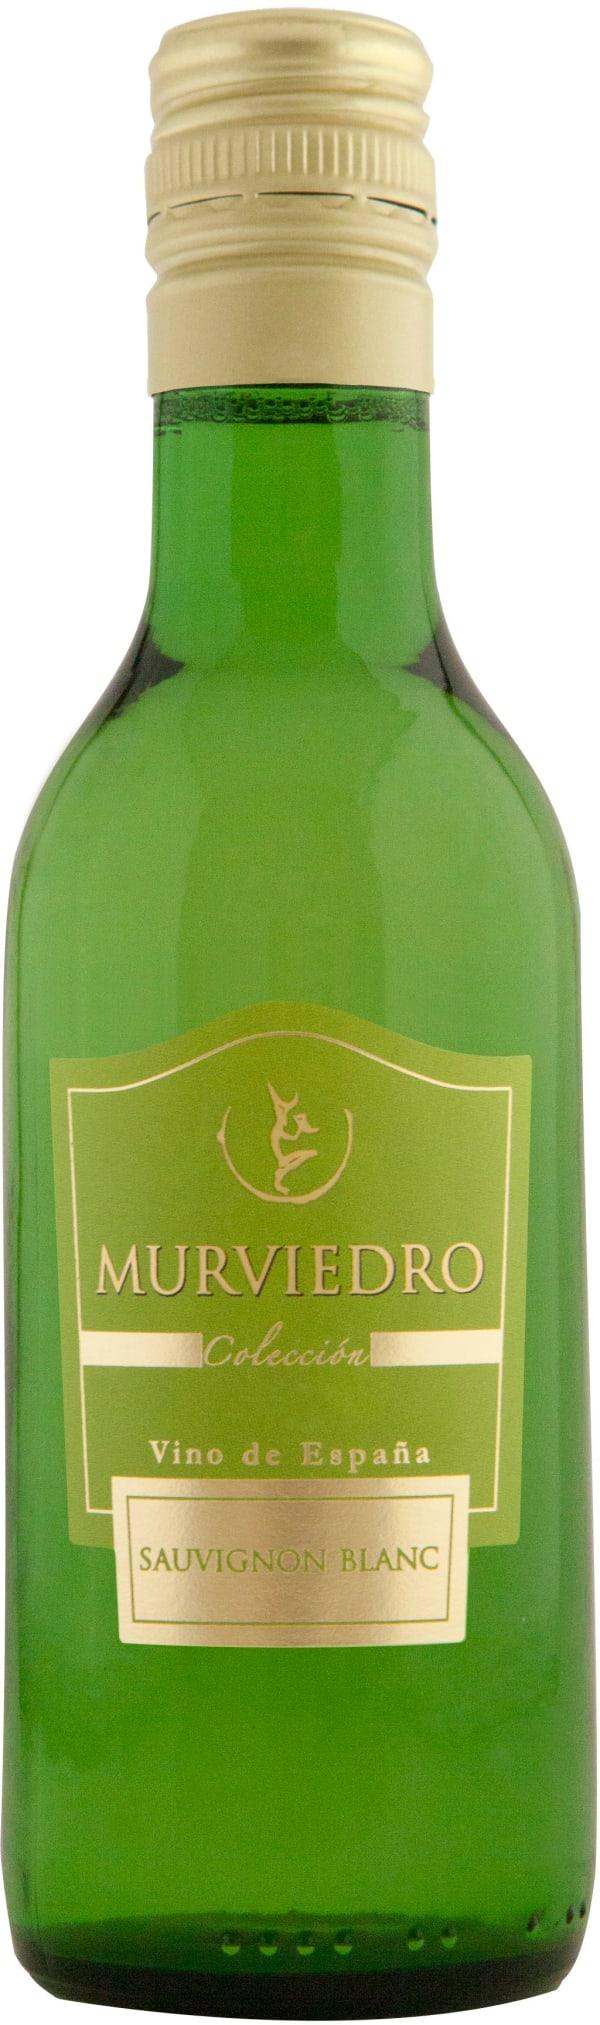 Murviedro Coleccion Sauvignon Blanc 2017